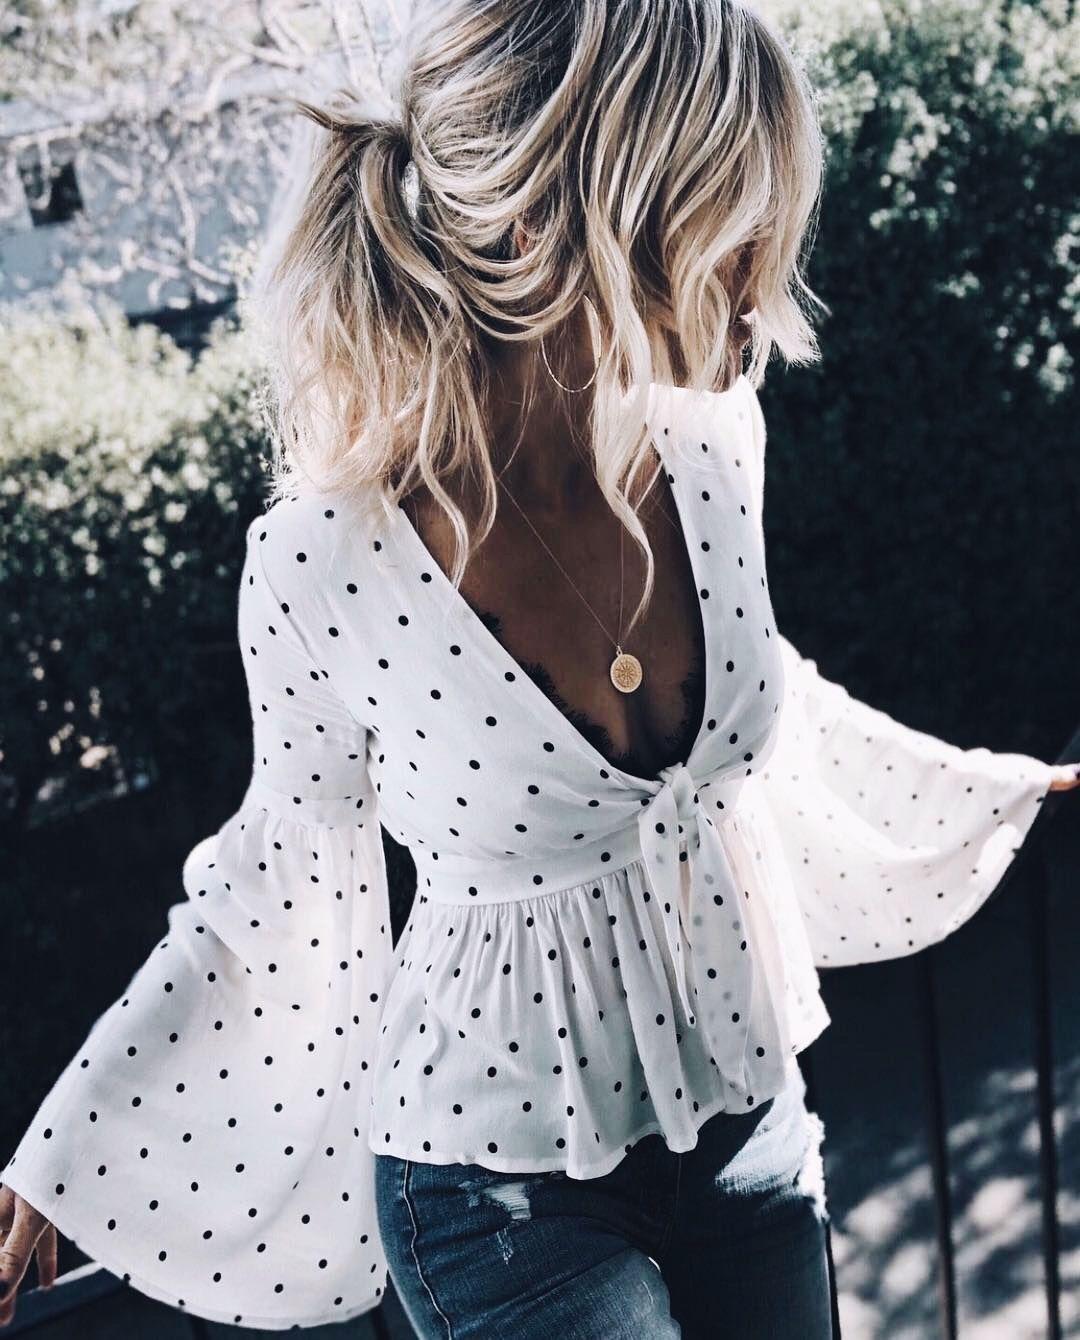 c170c1ea6d2 Blusa com manga cigana branca de bolinha preta com decote em v. Pinterest    giovana